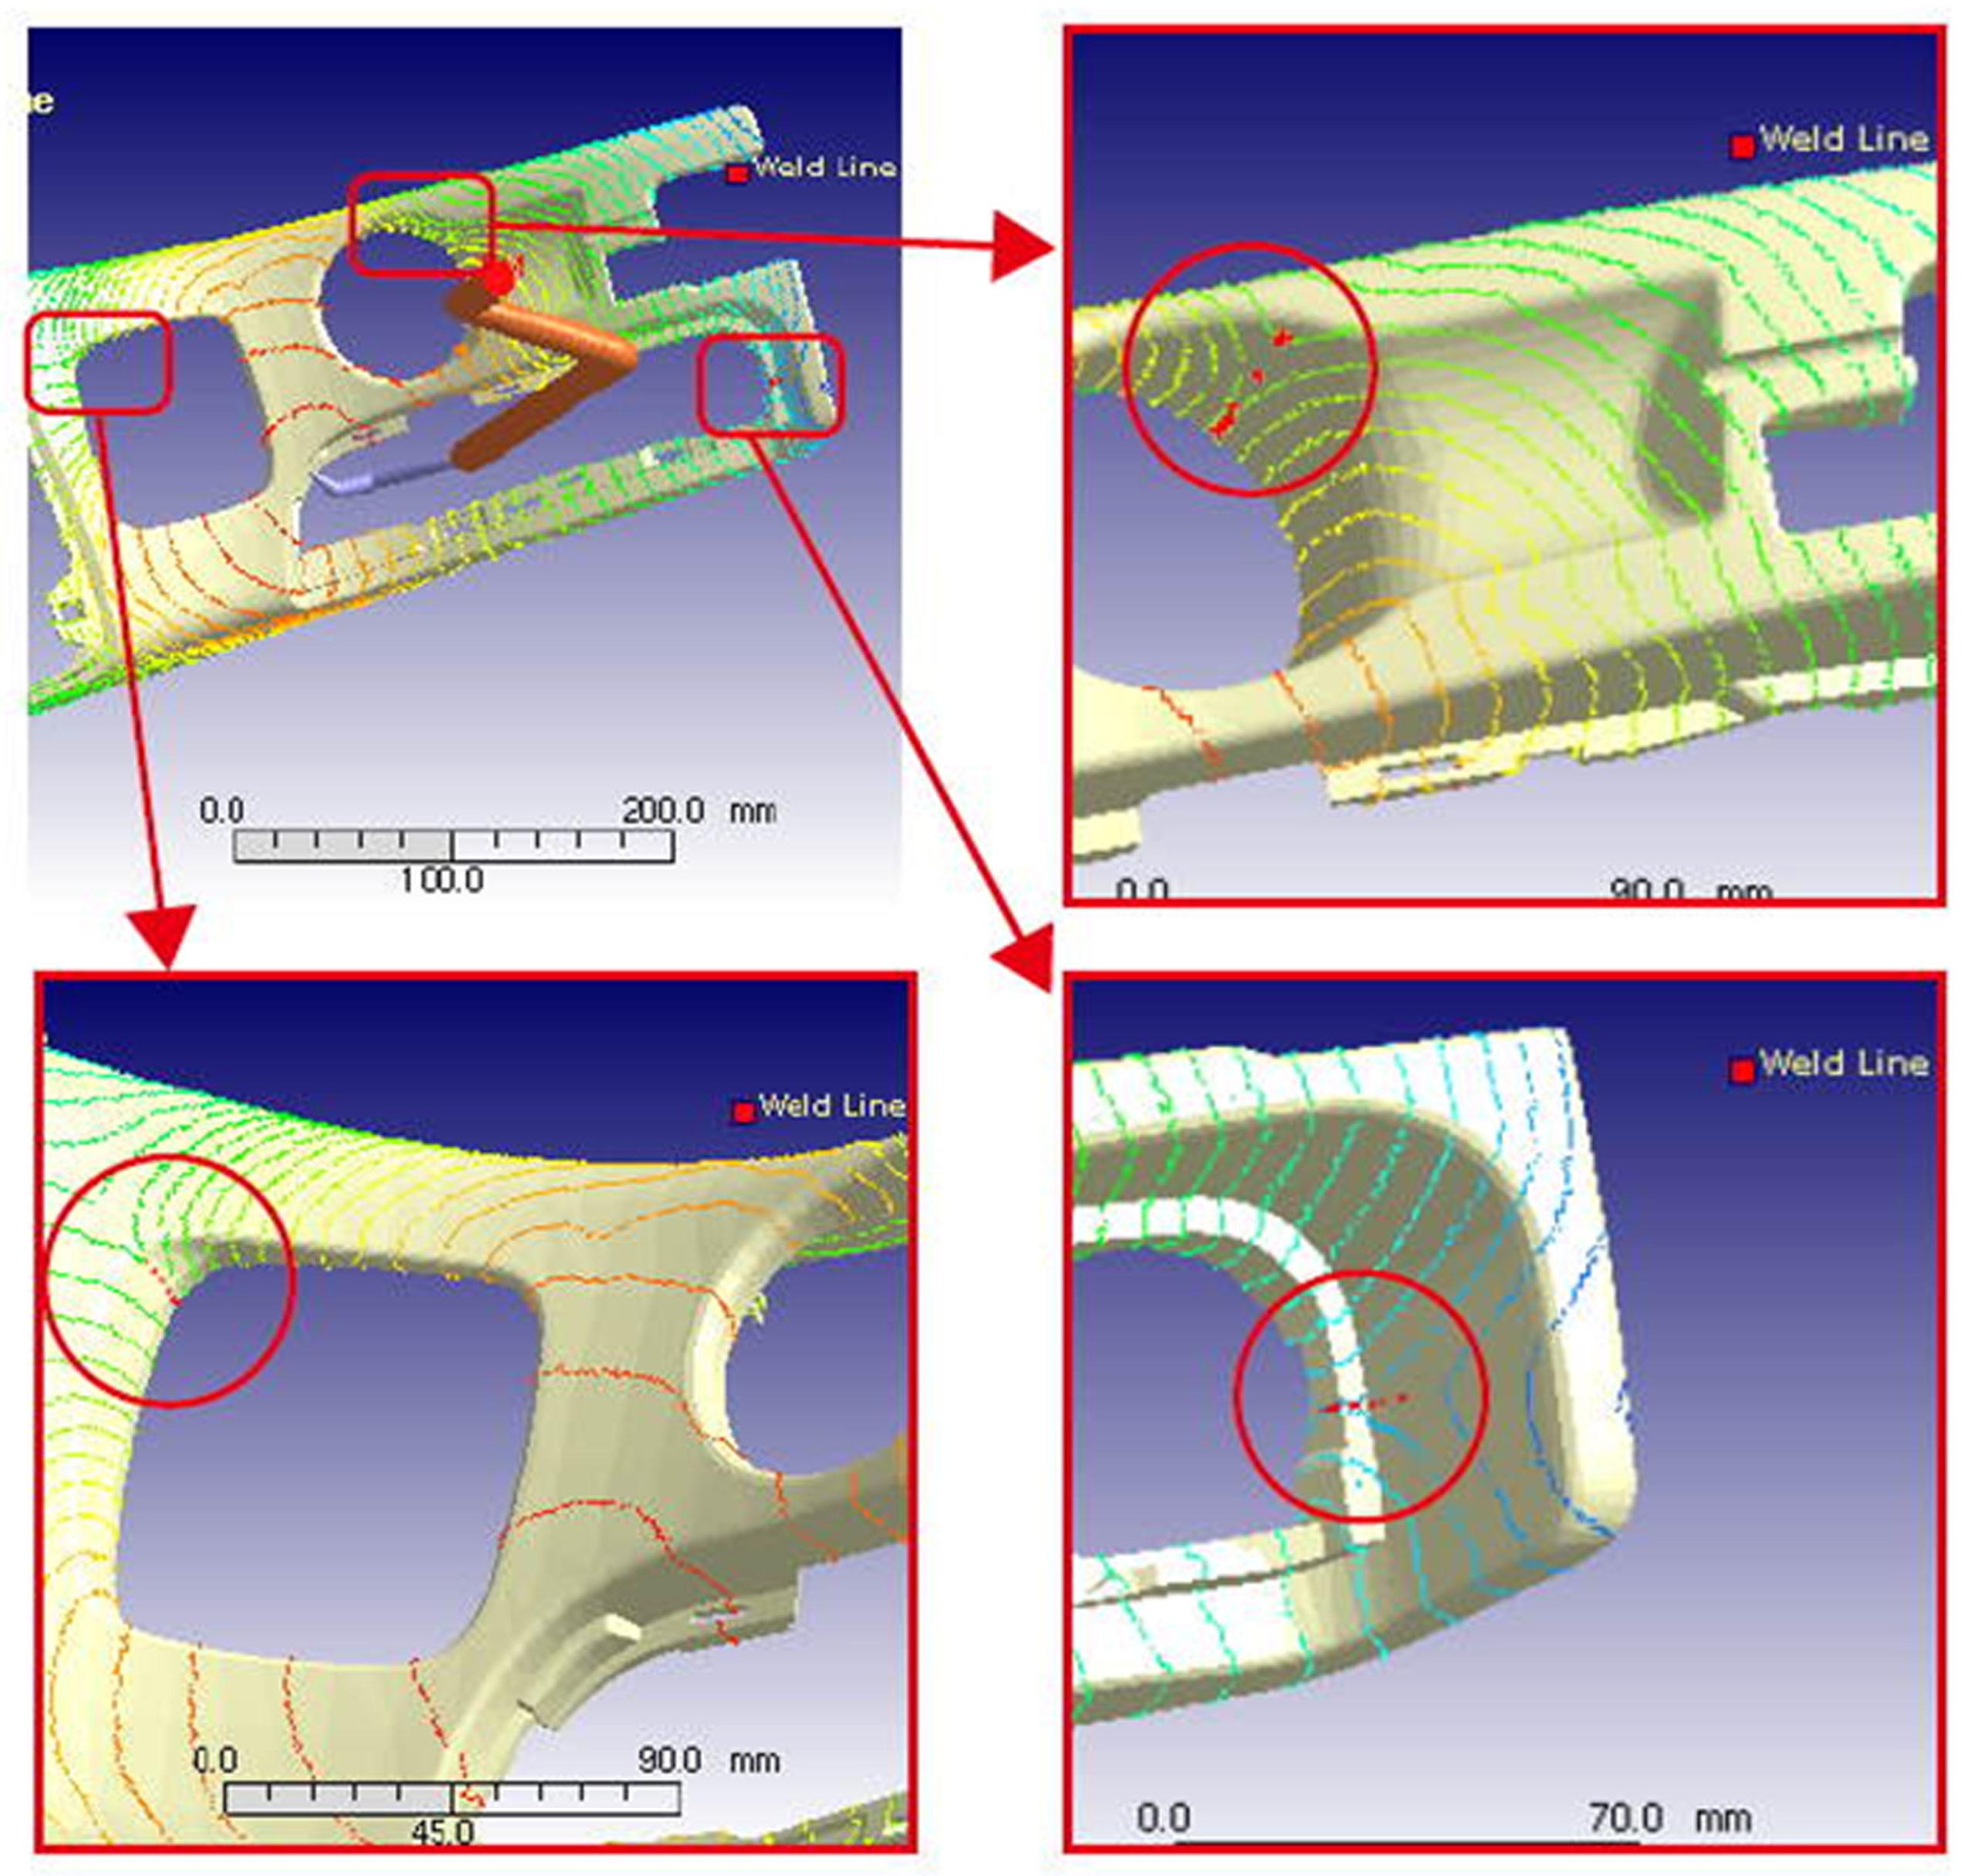 Wyniki symulacji ukazujące linie łączenia na widocznej powierzchni detalu